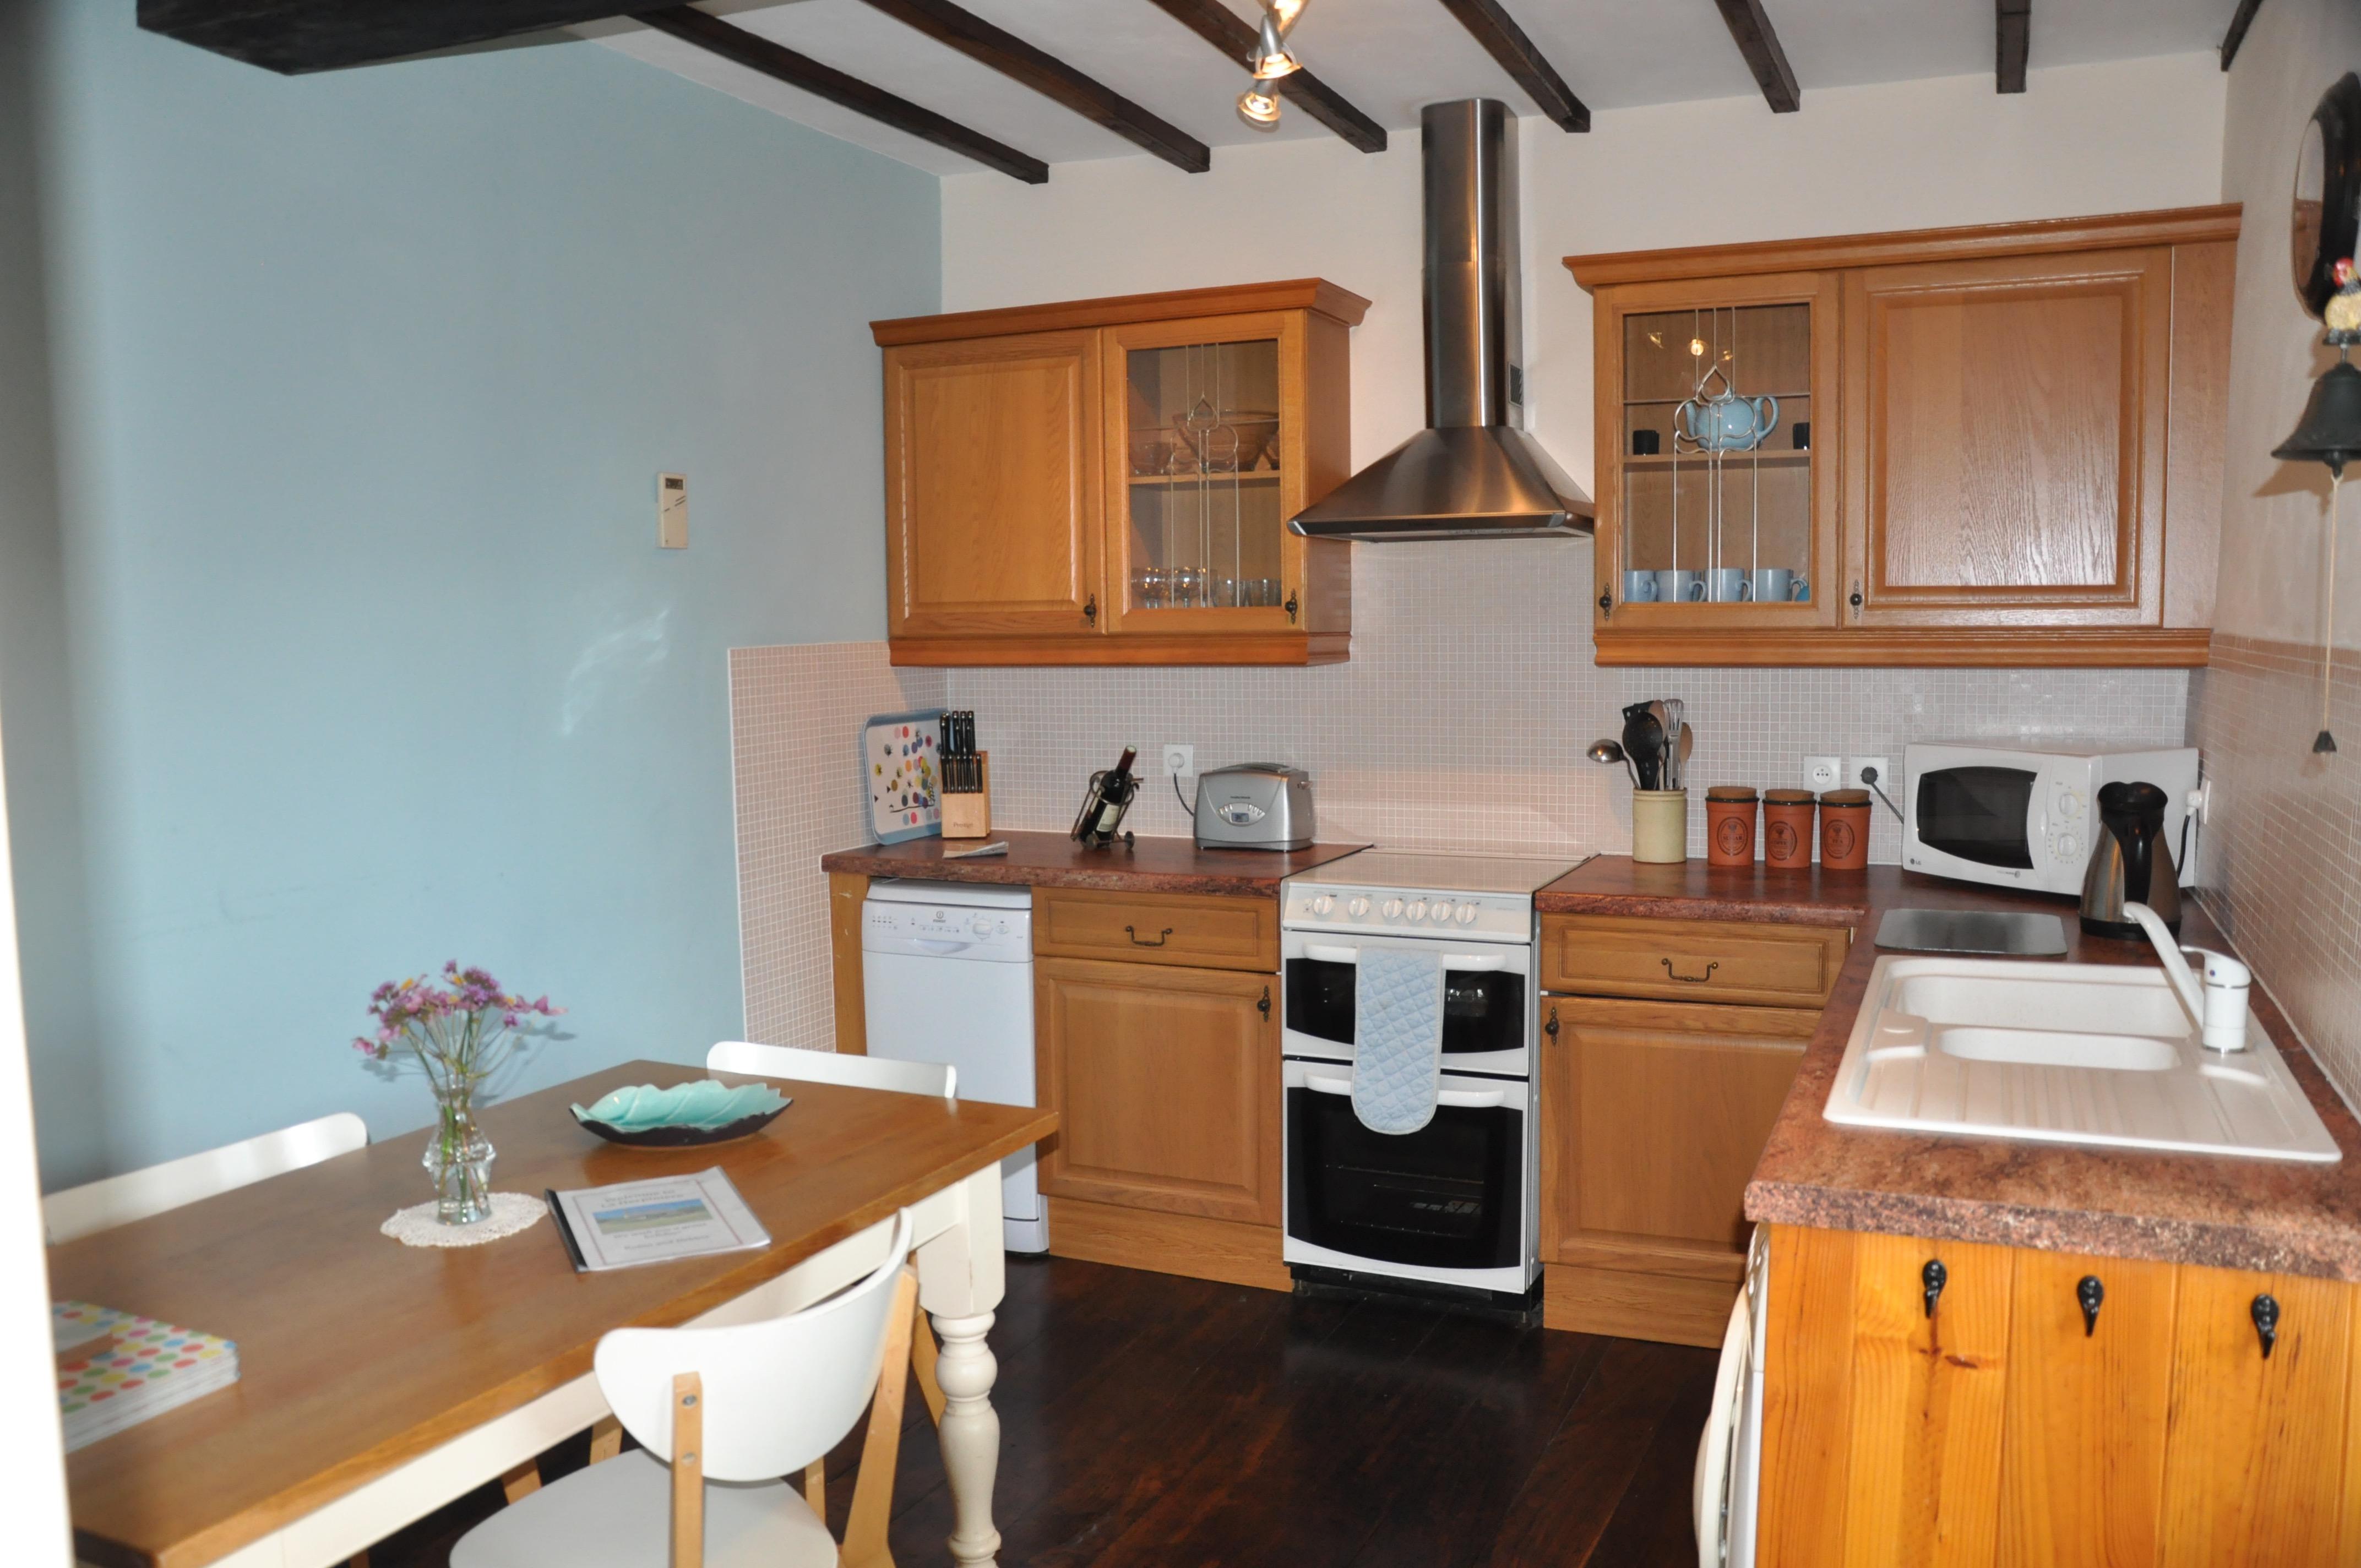 La Herpiniere Kitchen/Dining